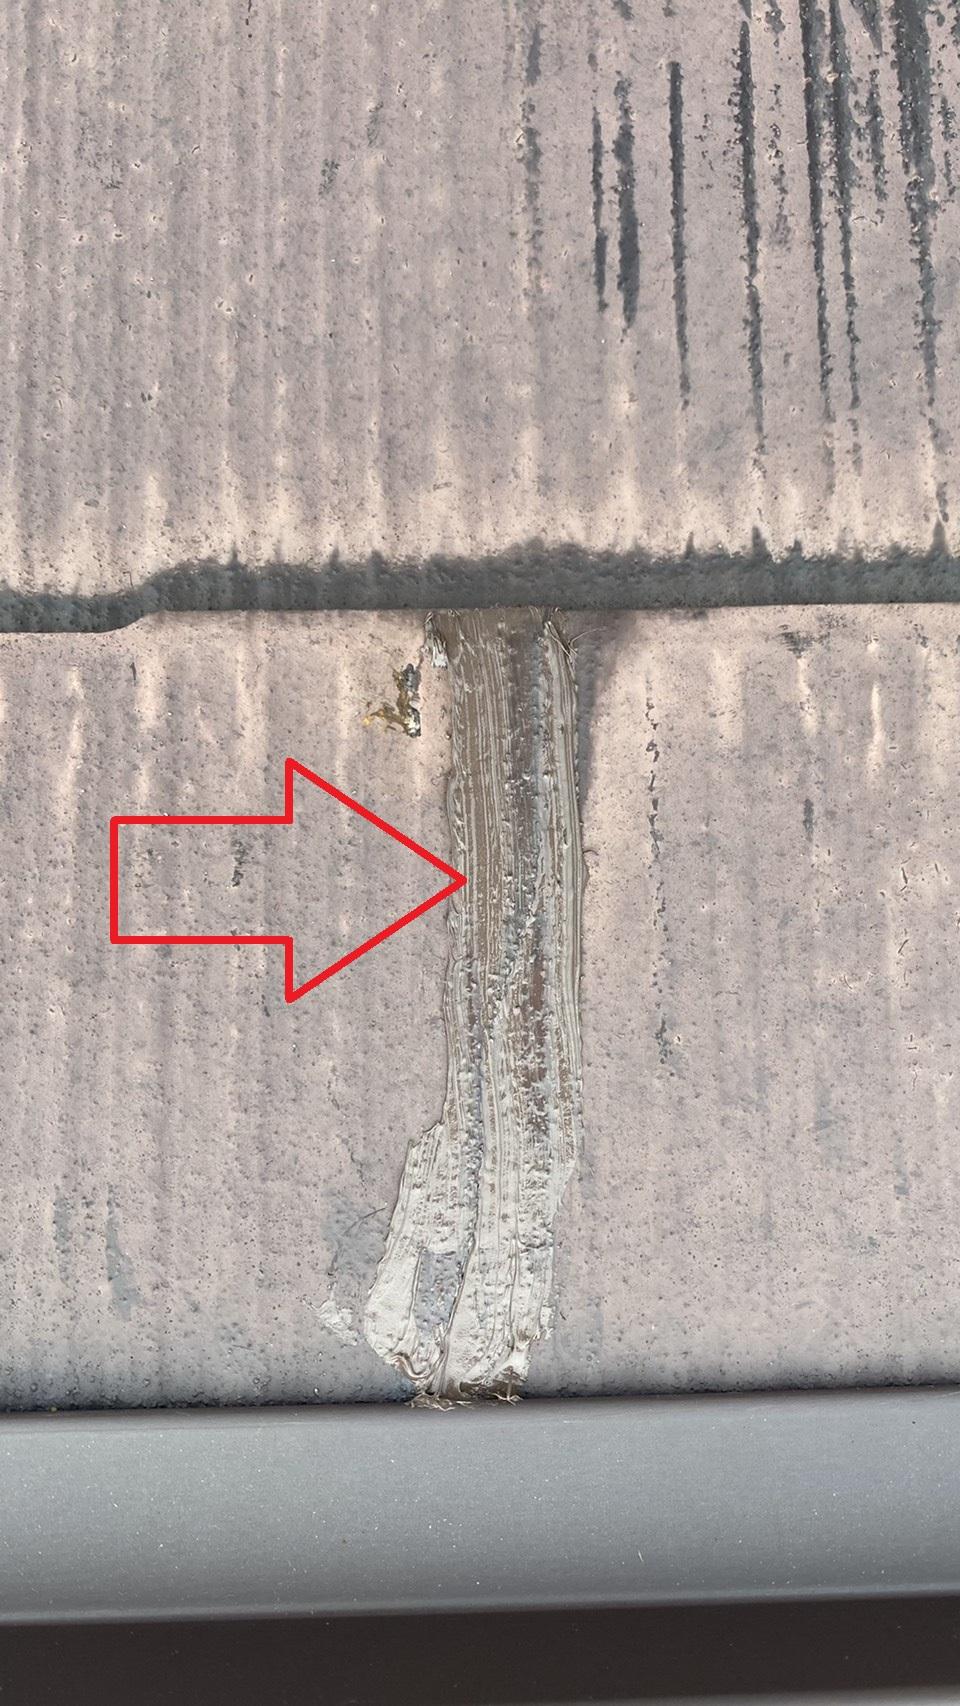 屋根補修でひび割れたスレート屋根にコーキングを打った様子